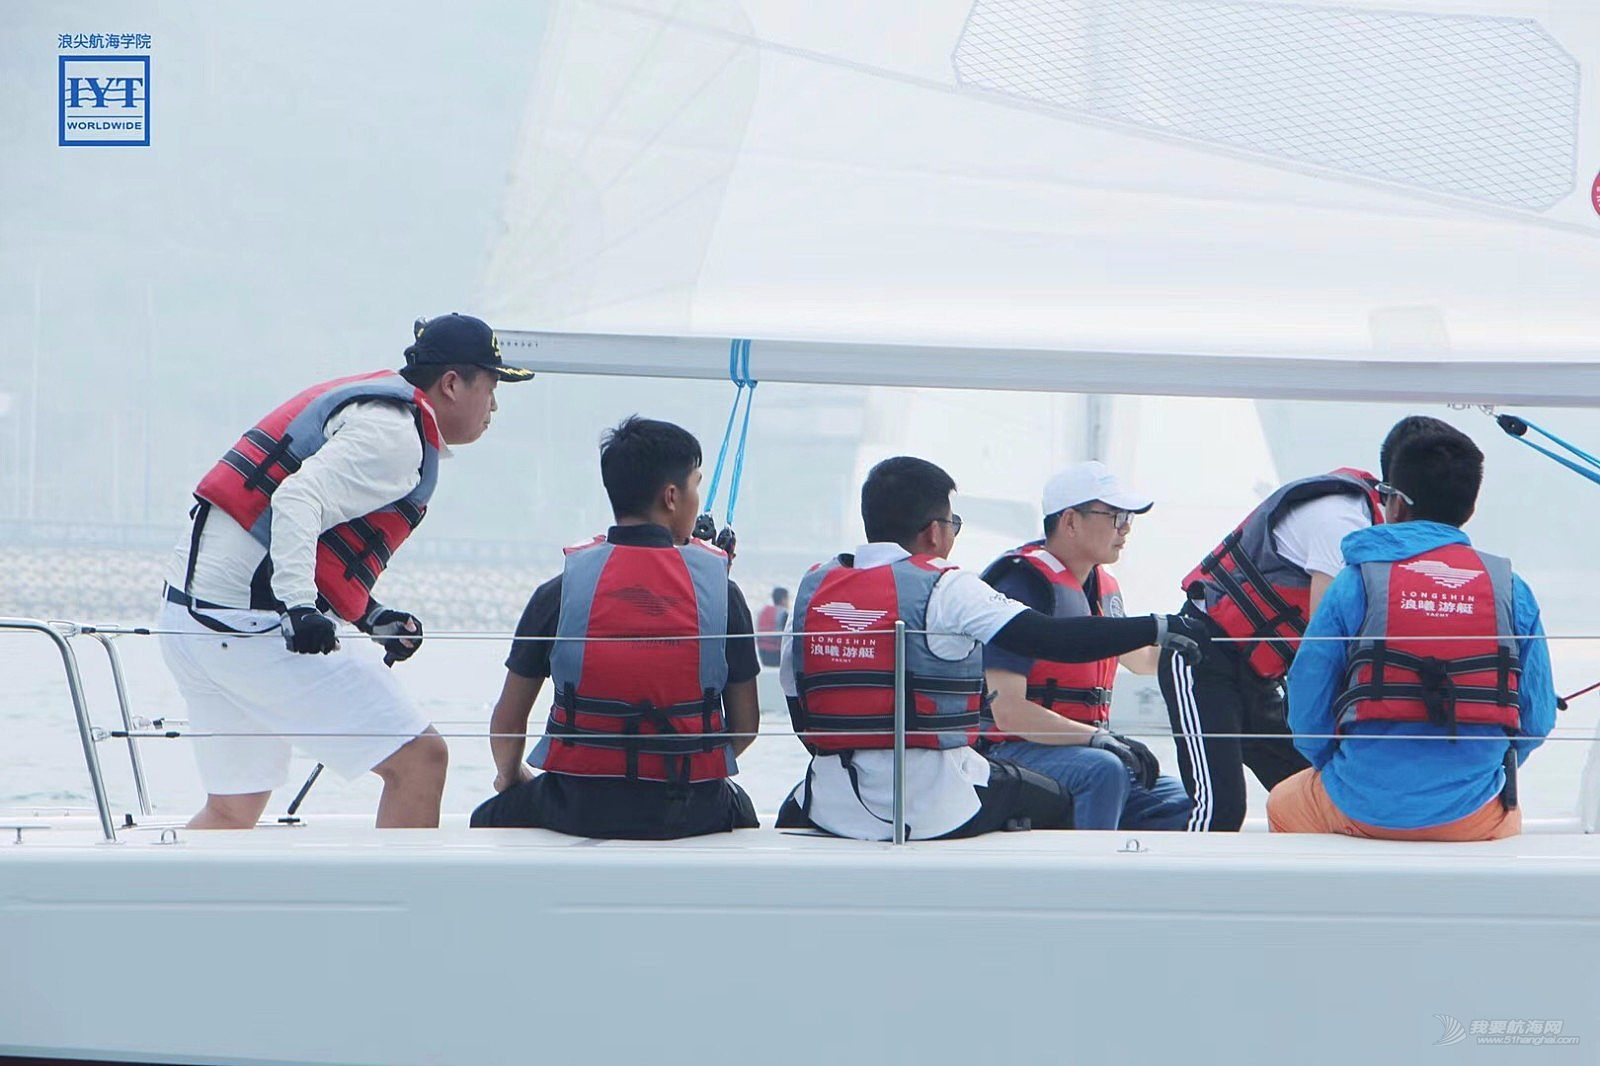 帆船游艇驾驶,驾驶证,帆船游艇培训,IYT国际船长 IYT国际初级船长开课图片直播,持续更新